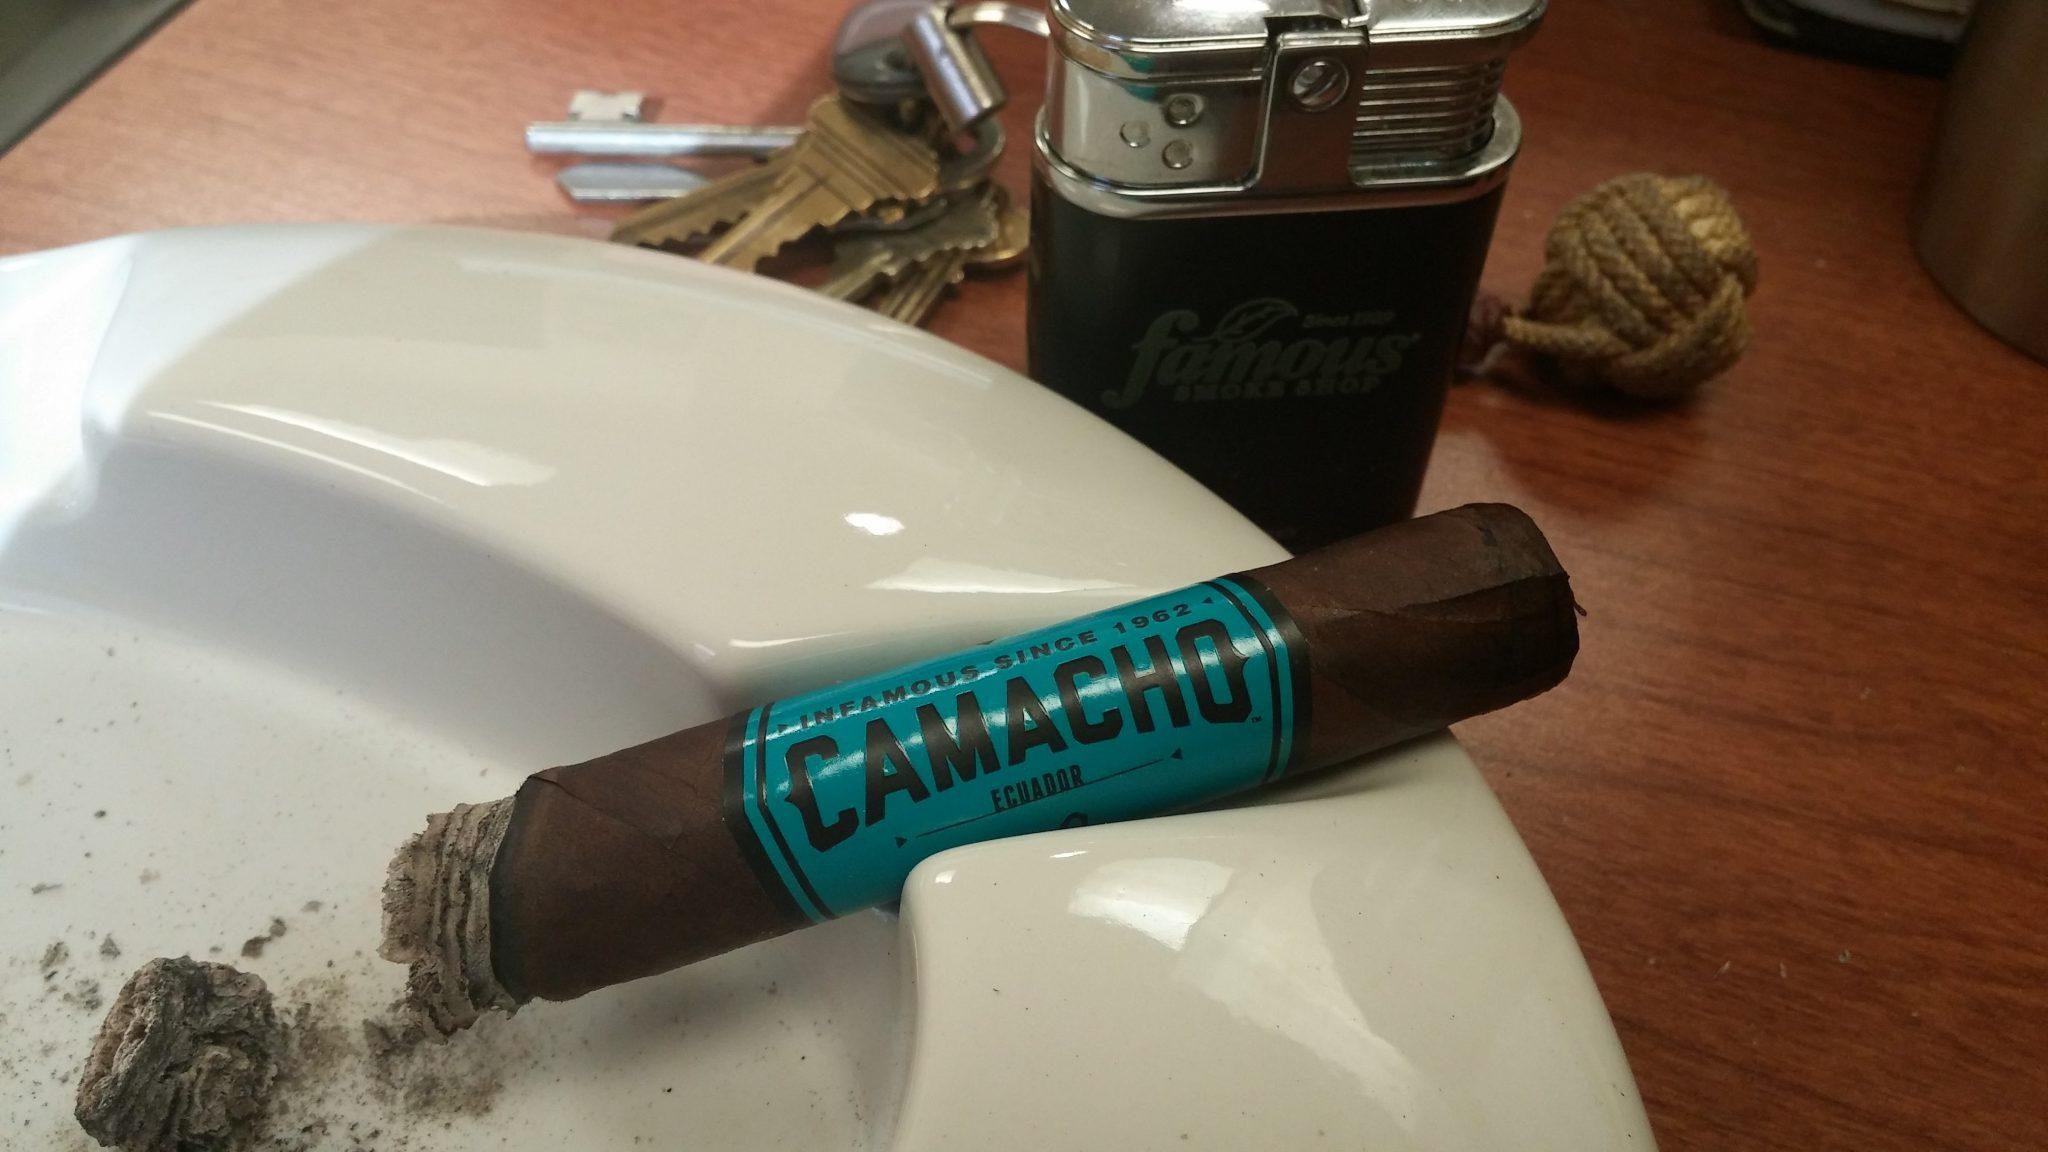 camacho cigars guide camacho ecuador cigar review john